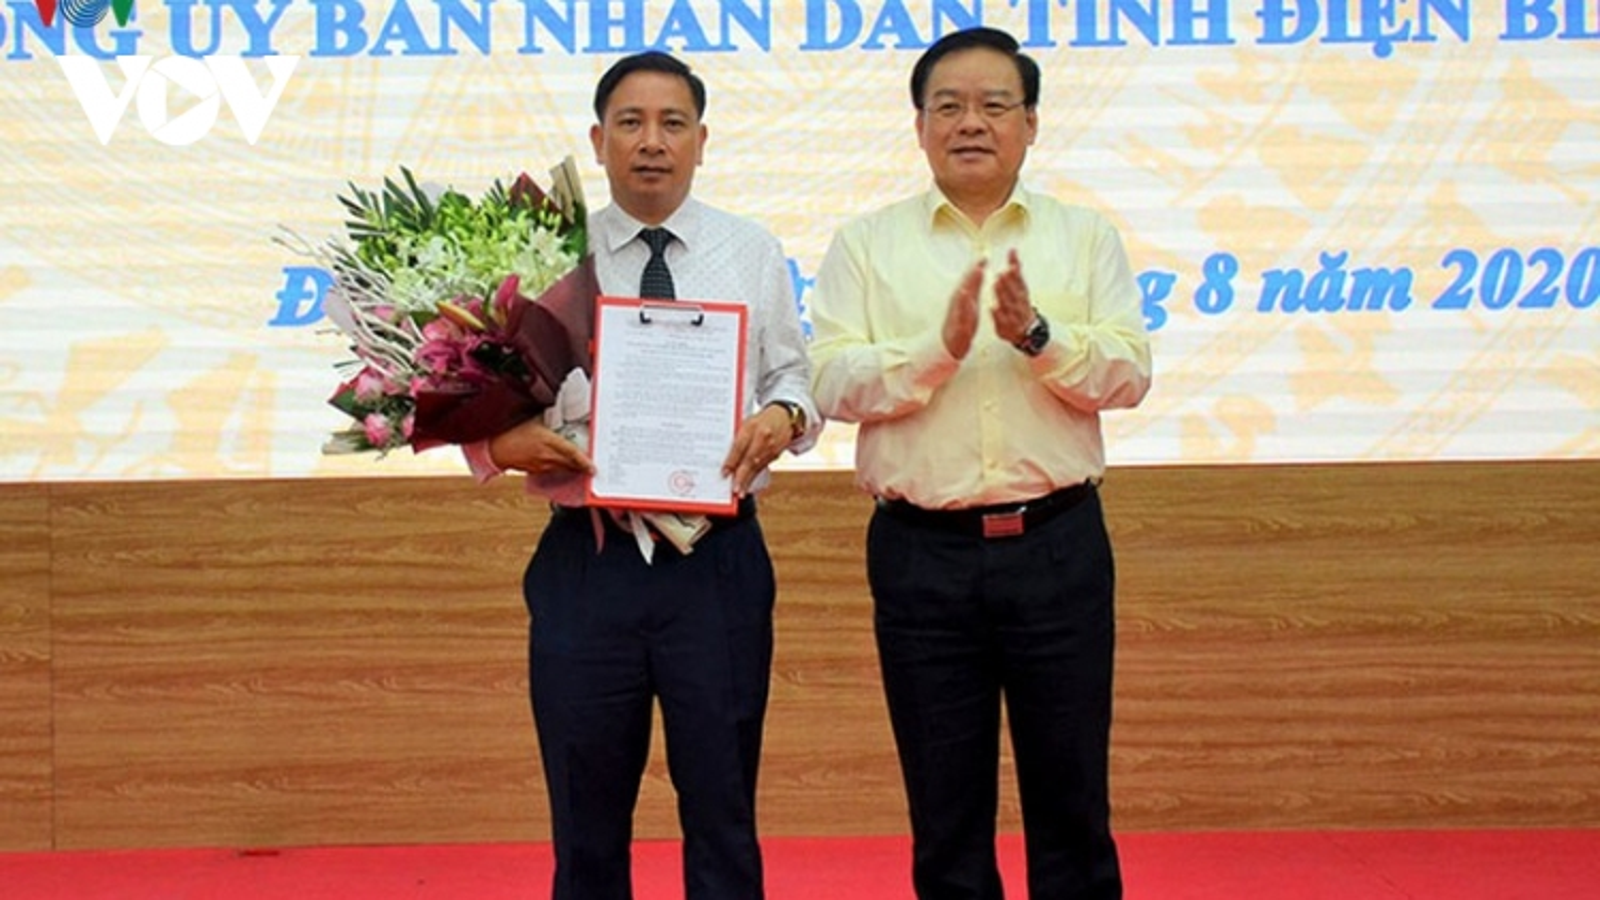 Chủ tịch huyện Tủa Chùa giữ chức Chánh Văn phòng UBND tỉnh Điện Biên